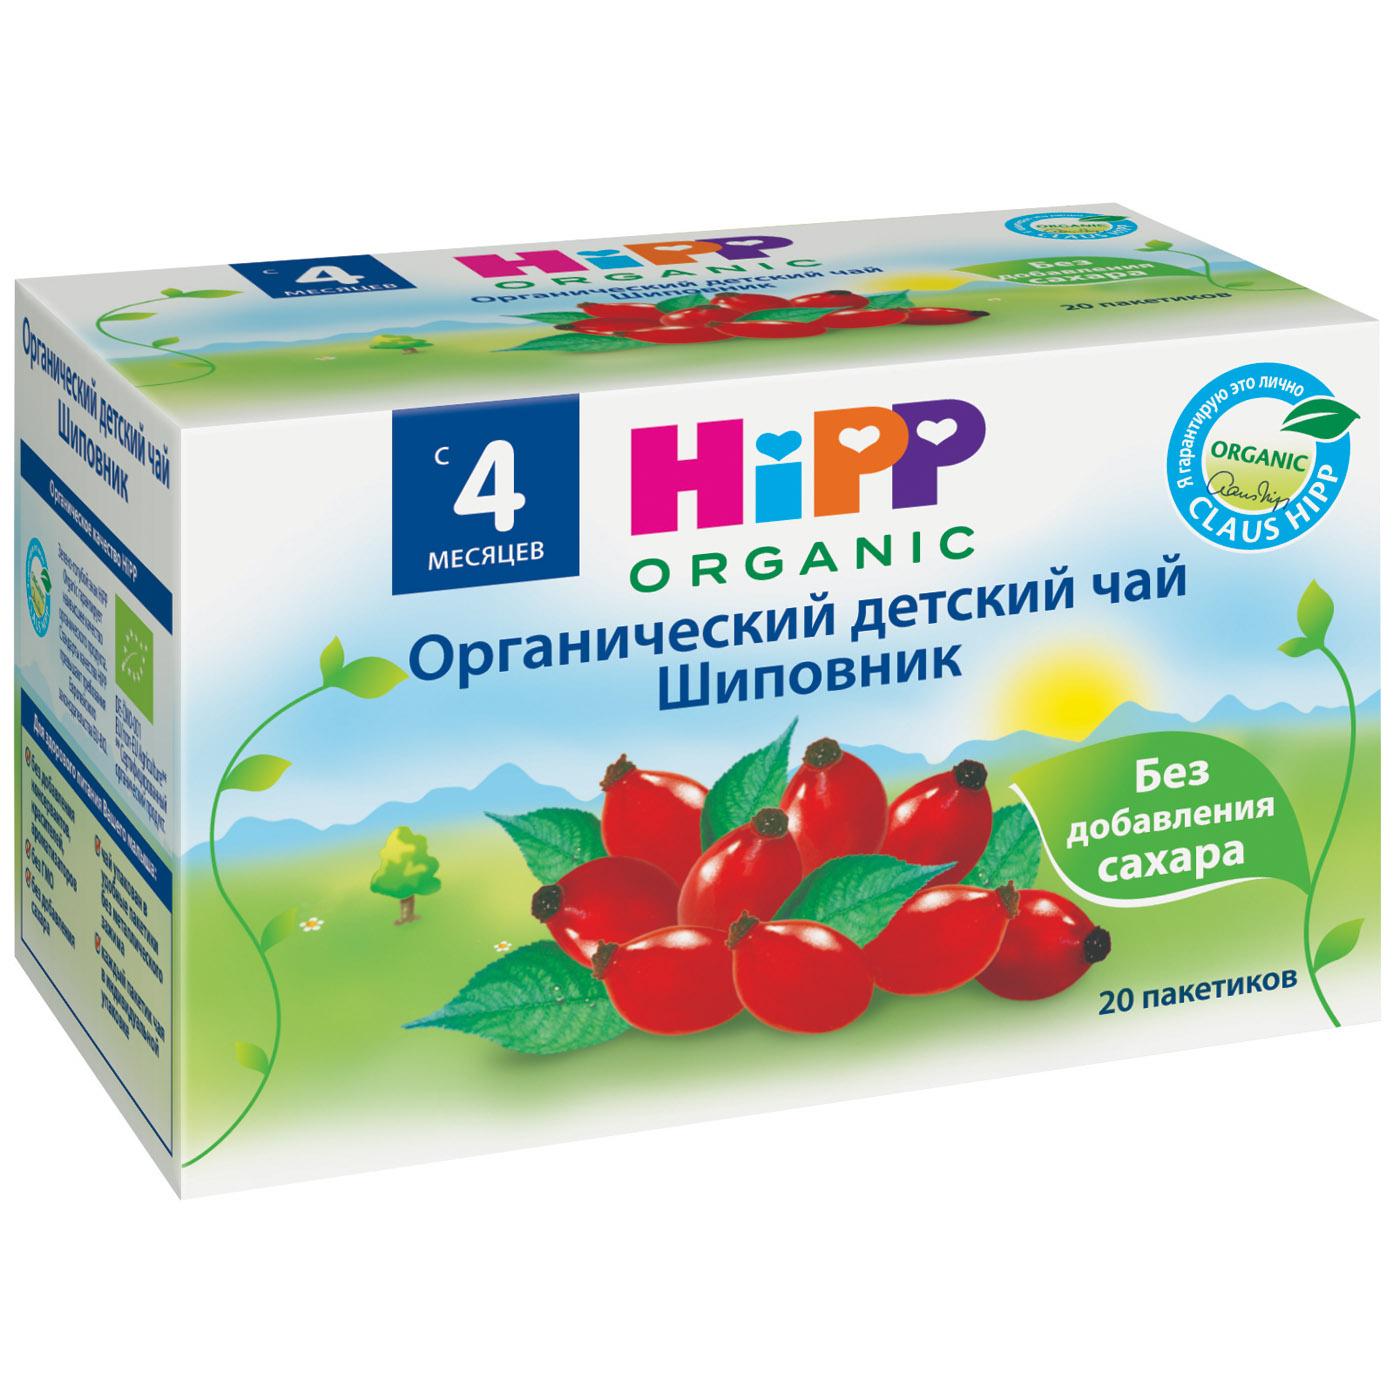 Чай детский Hipp органический 40 гр (20 пакетиков) Шиповник (с 4 мес)<br>